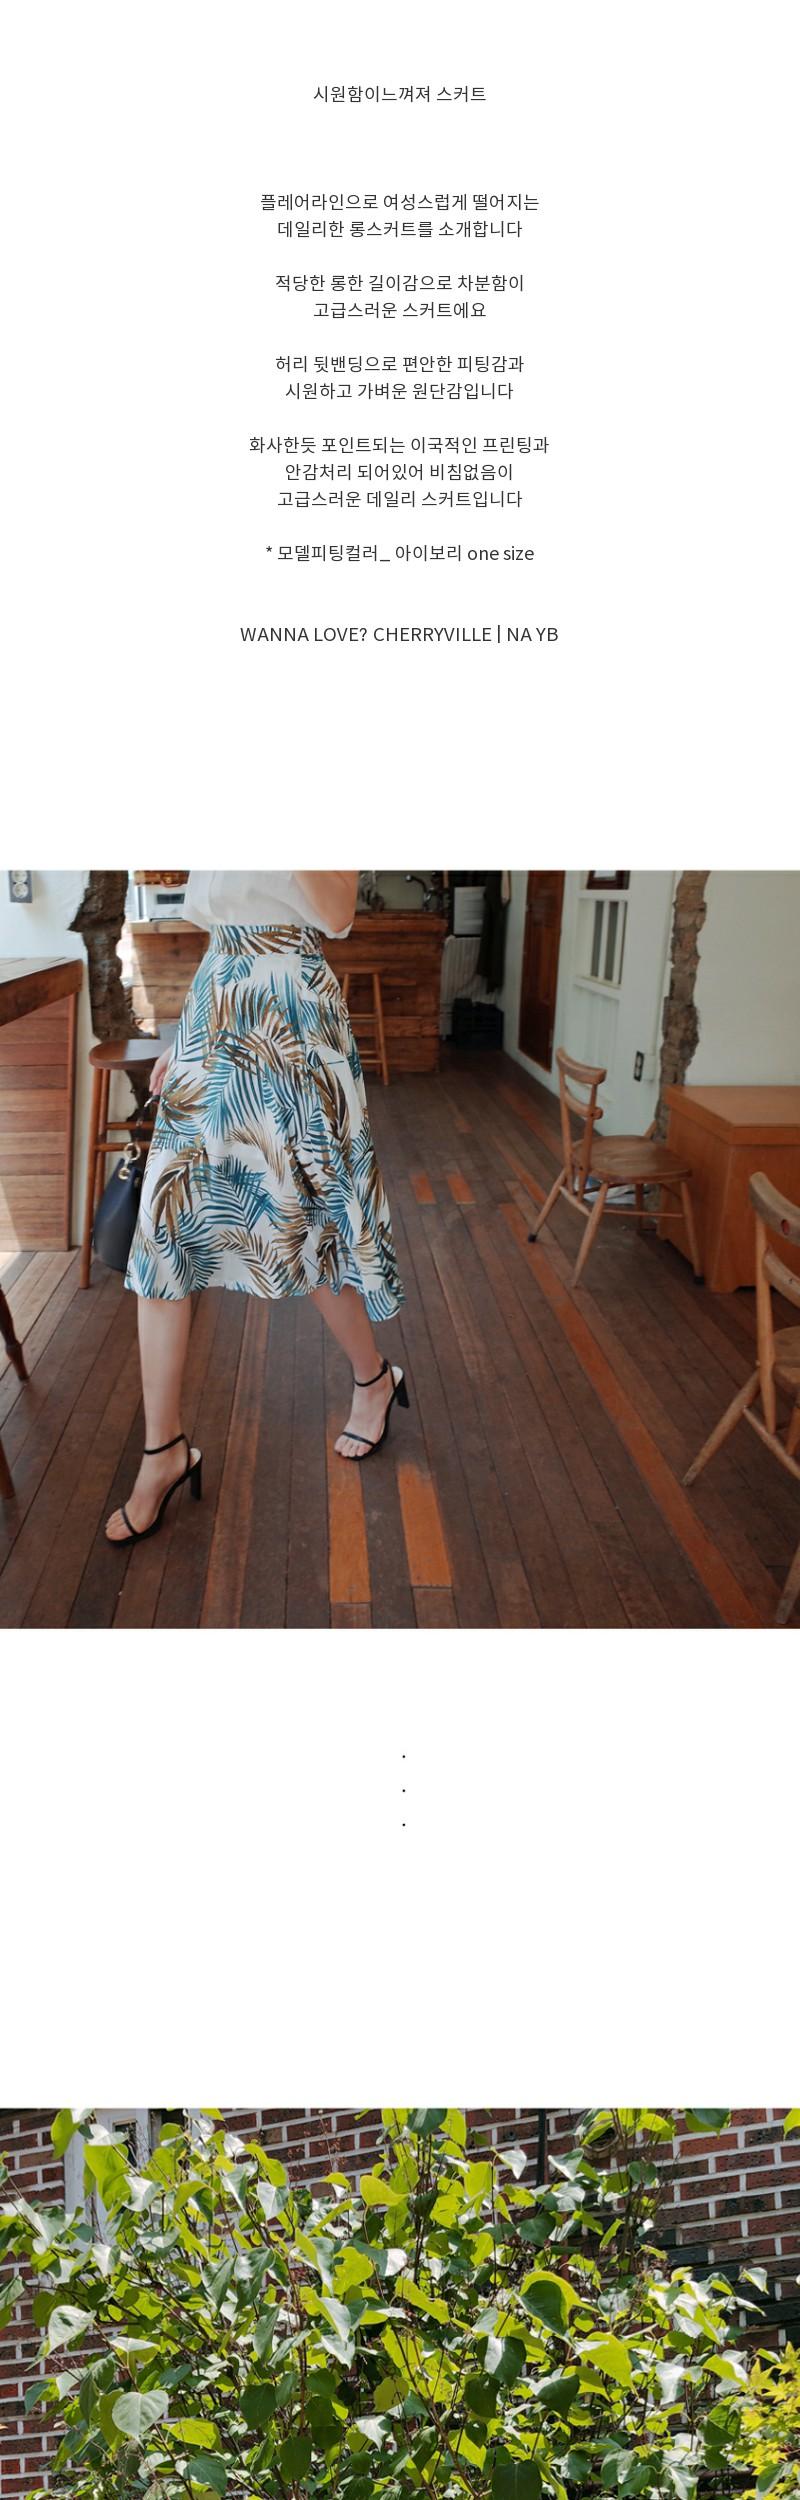 I feel the cool skirt